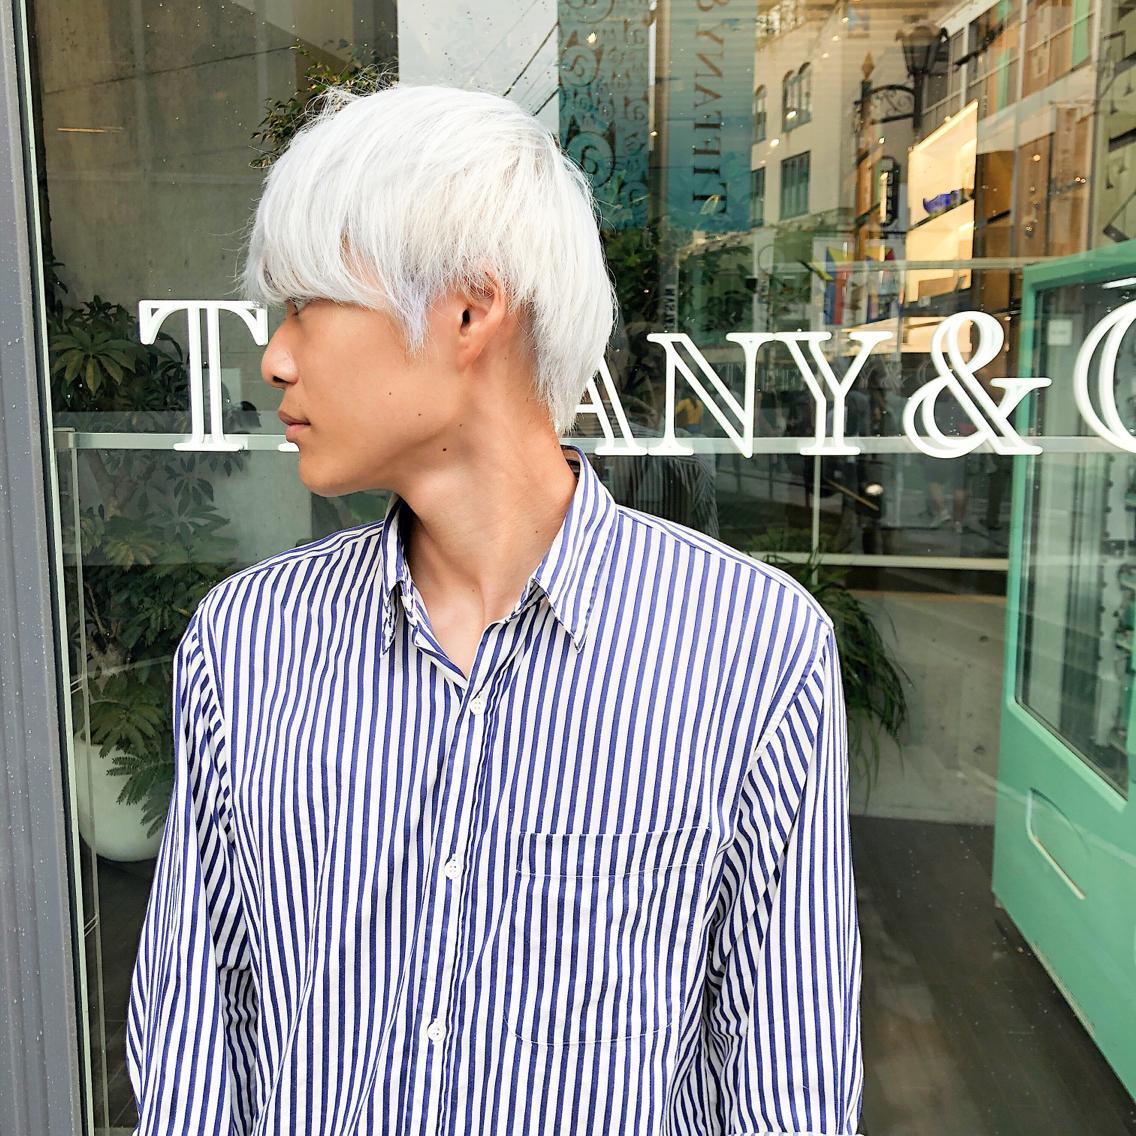 #ショート #カラー men's White hair 男性のホワイトカラーが人気になってきました🦄 ✳︎ ✳︎ ✳︎10800円〜✳︎ ✳︎ムラシャンはエンシェールズのシャンプーを薄めて使うのがオススメ🧖🏻♀️ ✳︎ ✳︎黒染めや縮毛、デジパをしていなくてダメージがひどくなければおおよそ4〜5回ブリーチで出来ます🦄✳︎ 最後まで可愛く仕上げます🇰🇷 ✳︎ お店の近くにあるティファニーカフェで映えな写真もプレゼントします🦄 ✳︎ ✳︎黒染め履歴、ダメージが強い方はでホワイトにはならないです💦  #原宿#ハイトーンカラー#シルバーカラー#ヘアカラー#ネイビーカラー#ホワイトカラー#ブロンドヘアー#アッシュ#ケアブリーチ#ブロンドカラー#派手髪#ラベンダーカラー#ミルクティーカラー#アッシュ#ミルクティーベージュ#ブルージュ#グレージュ#ピンクカラー#インナーカラー#ハイライトカラー#グラデーションカラー#bts#seventeen#twice ✳︎ ✳︎ ✳︎